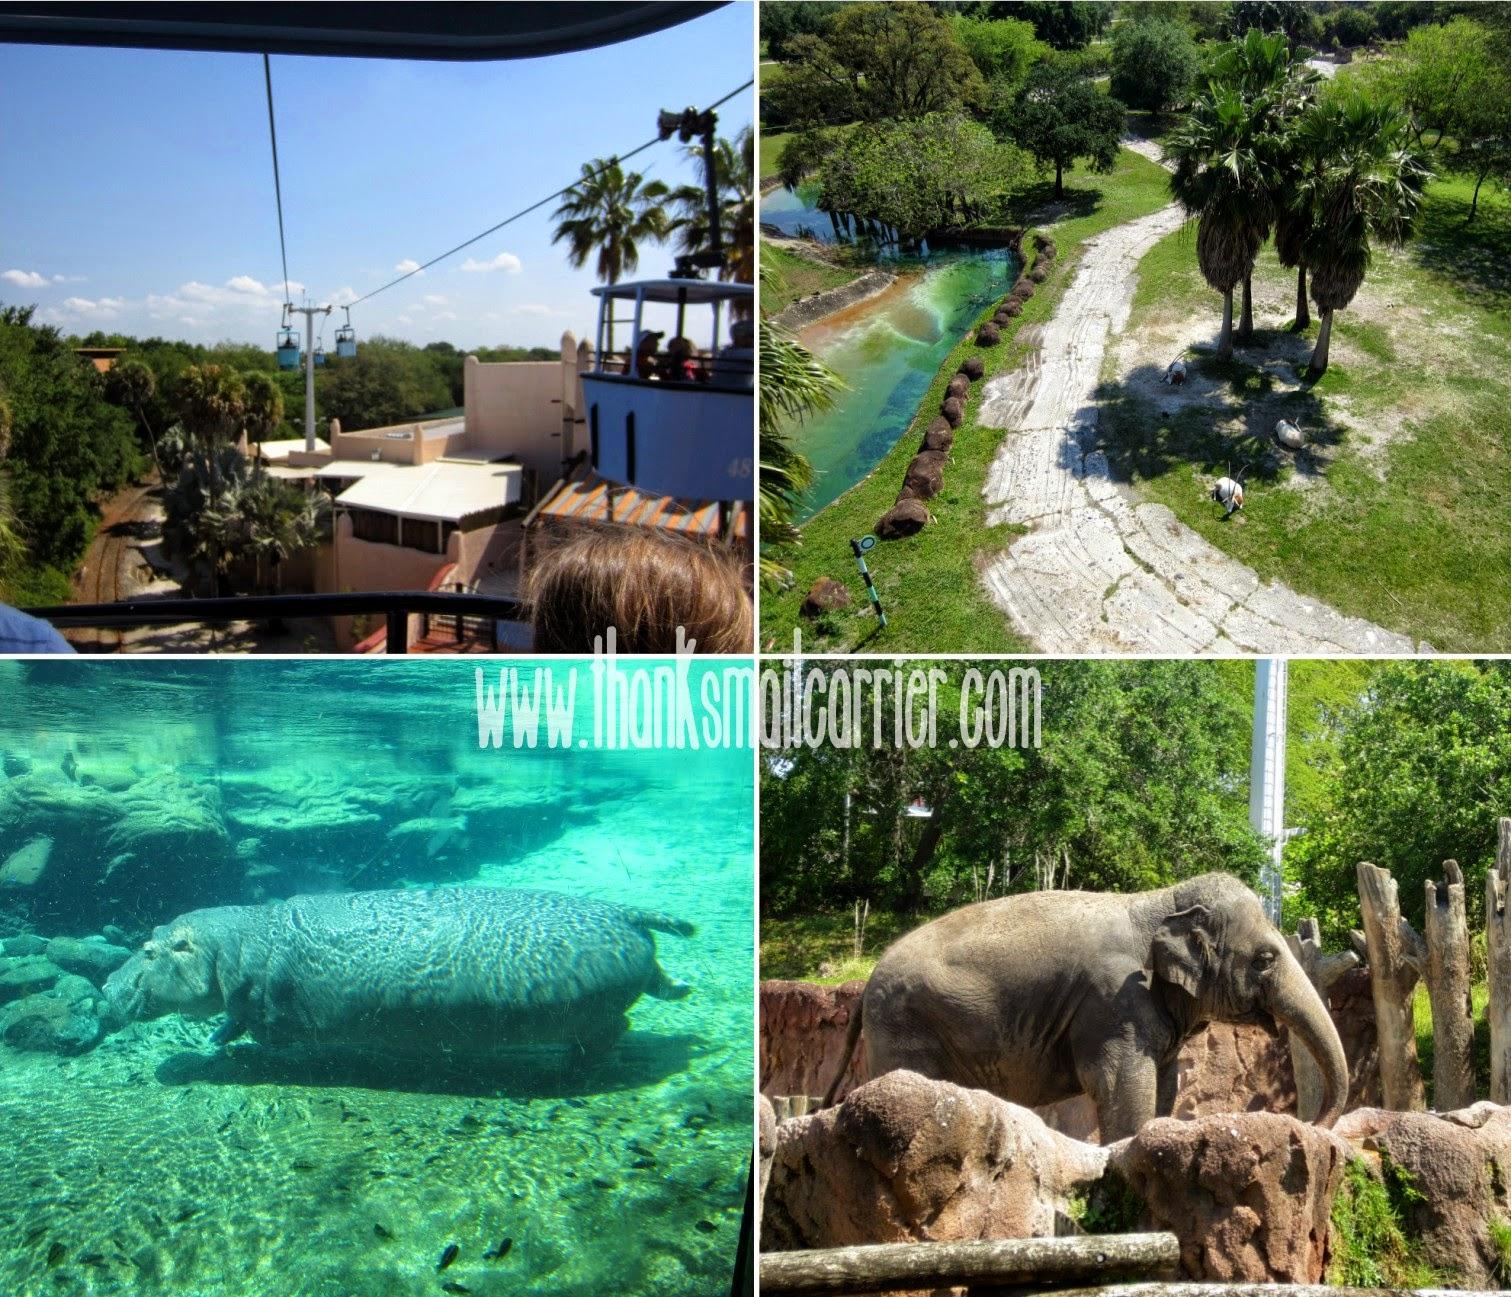 Busch Gardnes animals